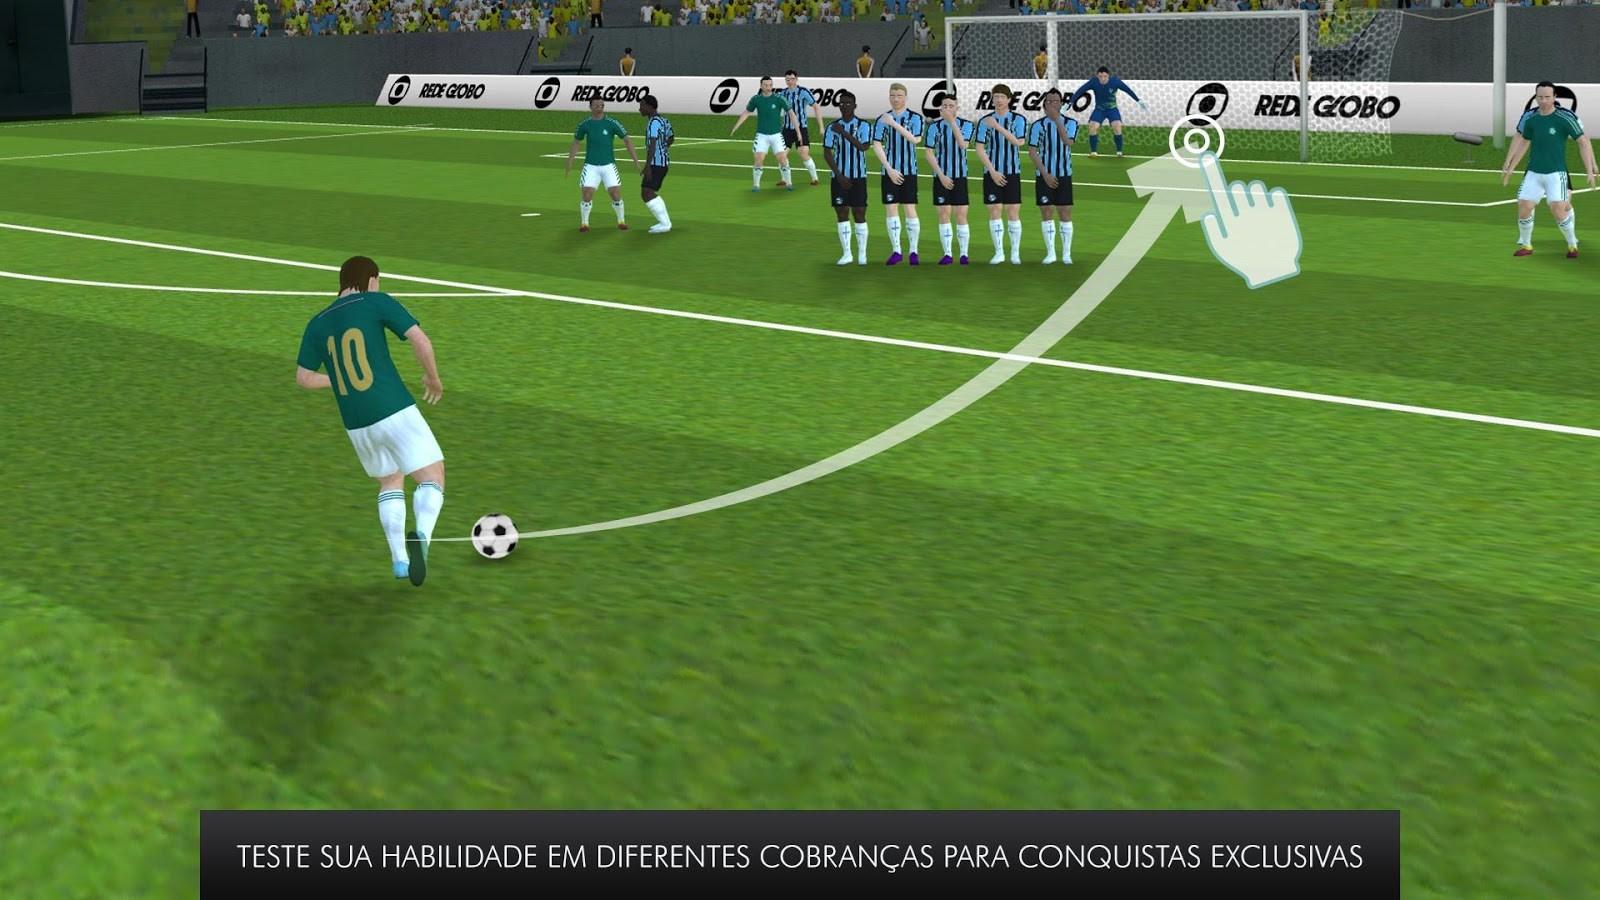 GameFutebol - Imagem 1 do software